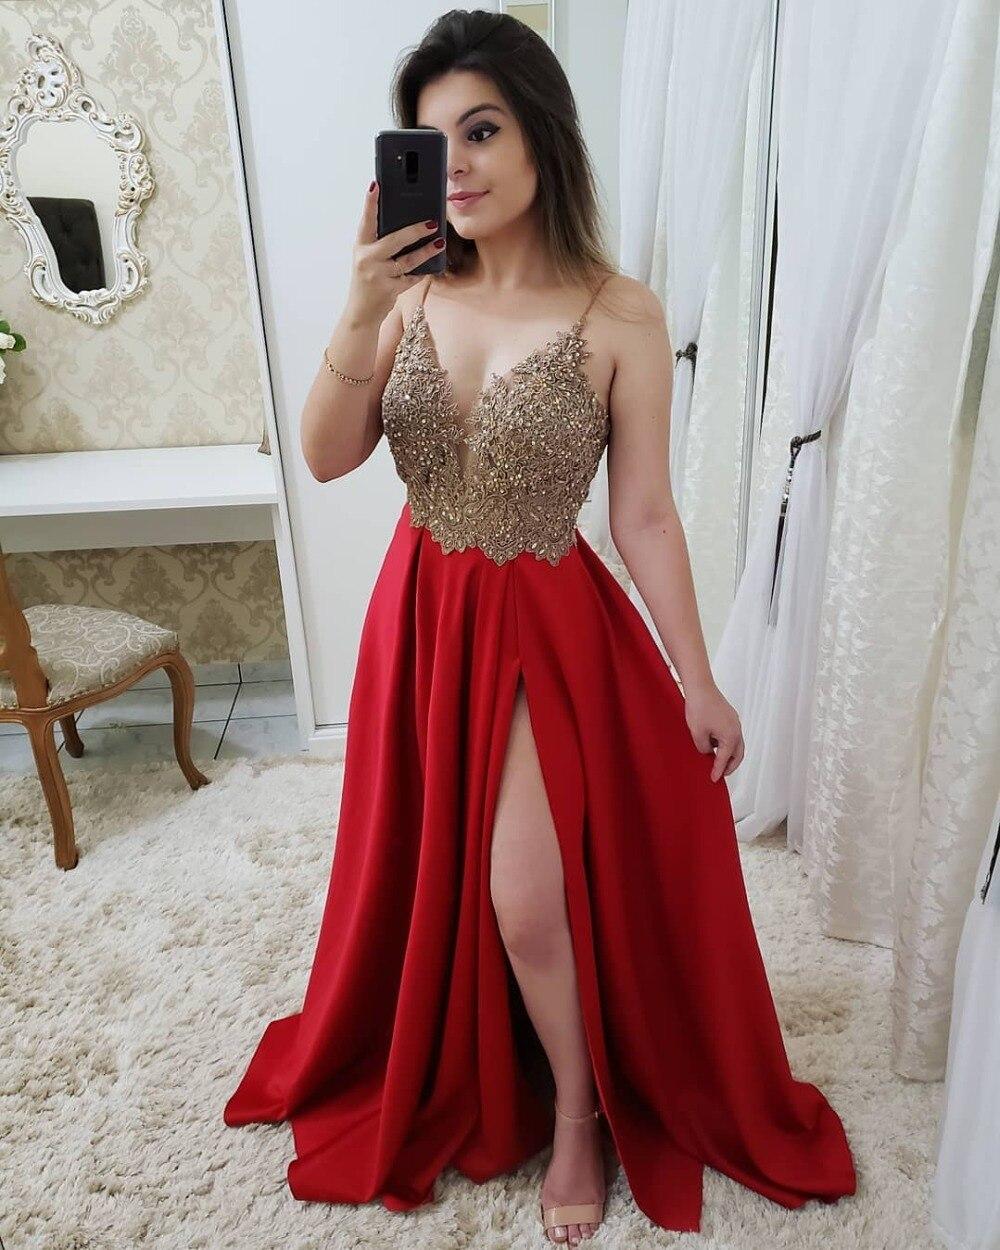 Sexy col en V rose bordeaux rouge bleu marine robes de bal longue 2019 perlée Appliques réfléchissantes robe côté fente robes de soirée